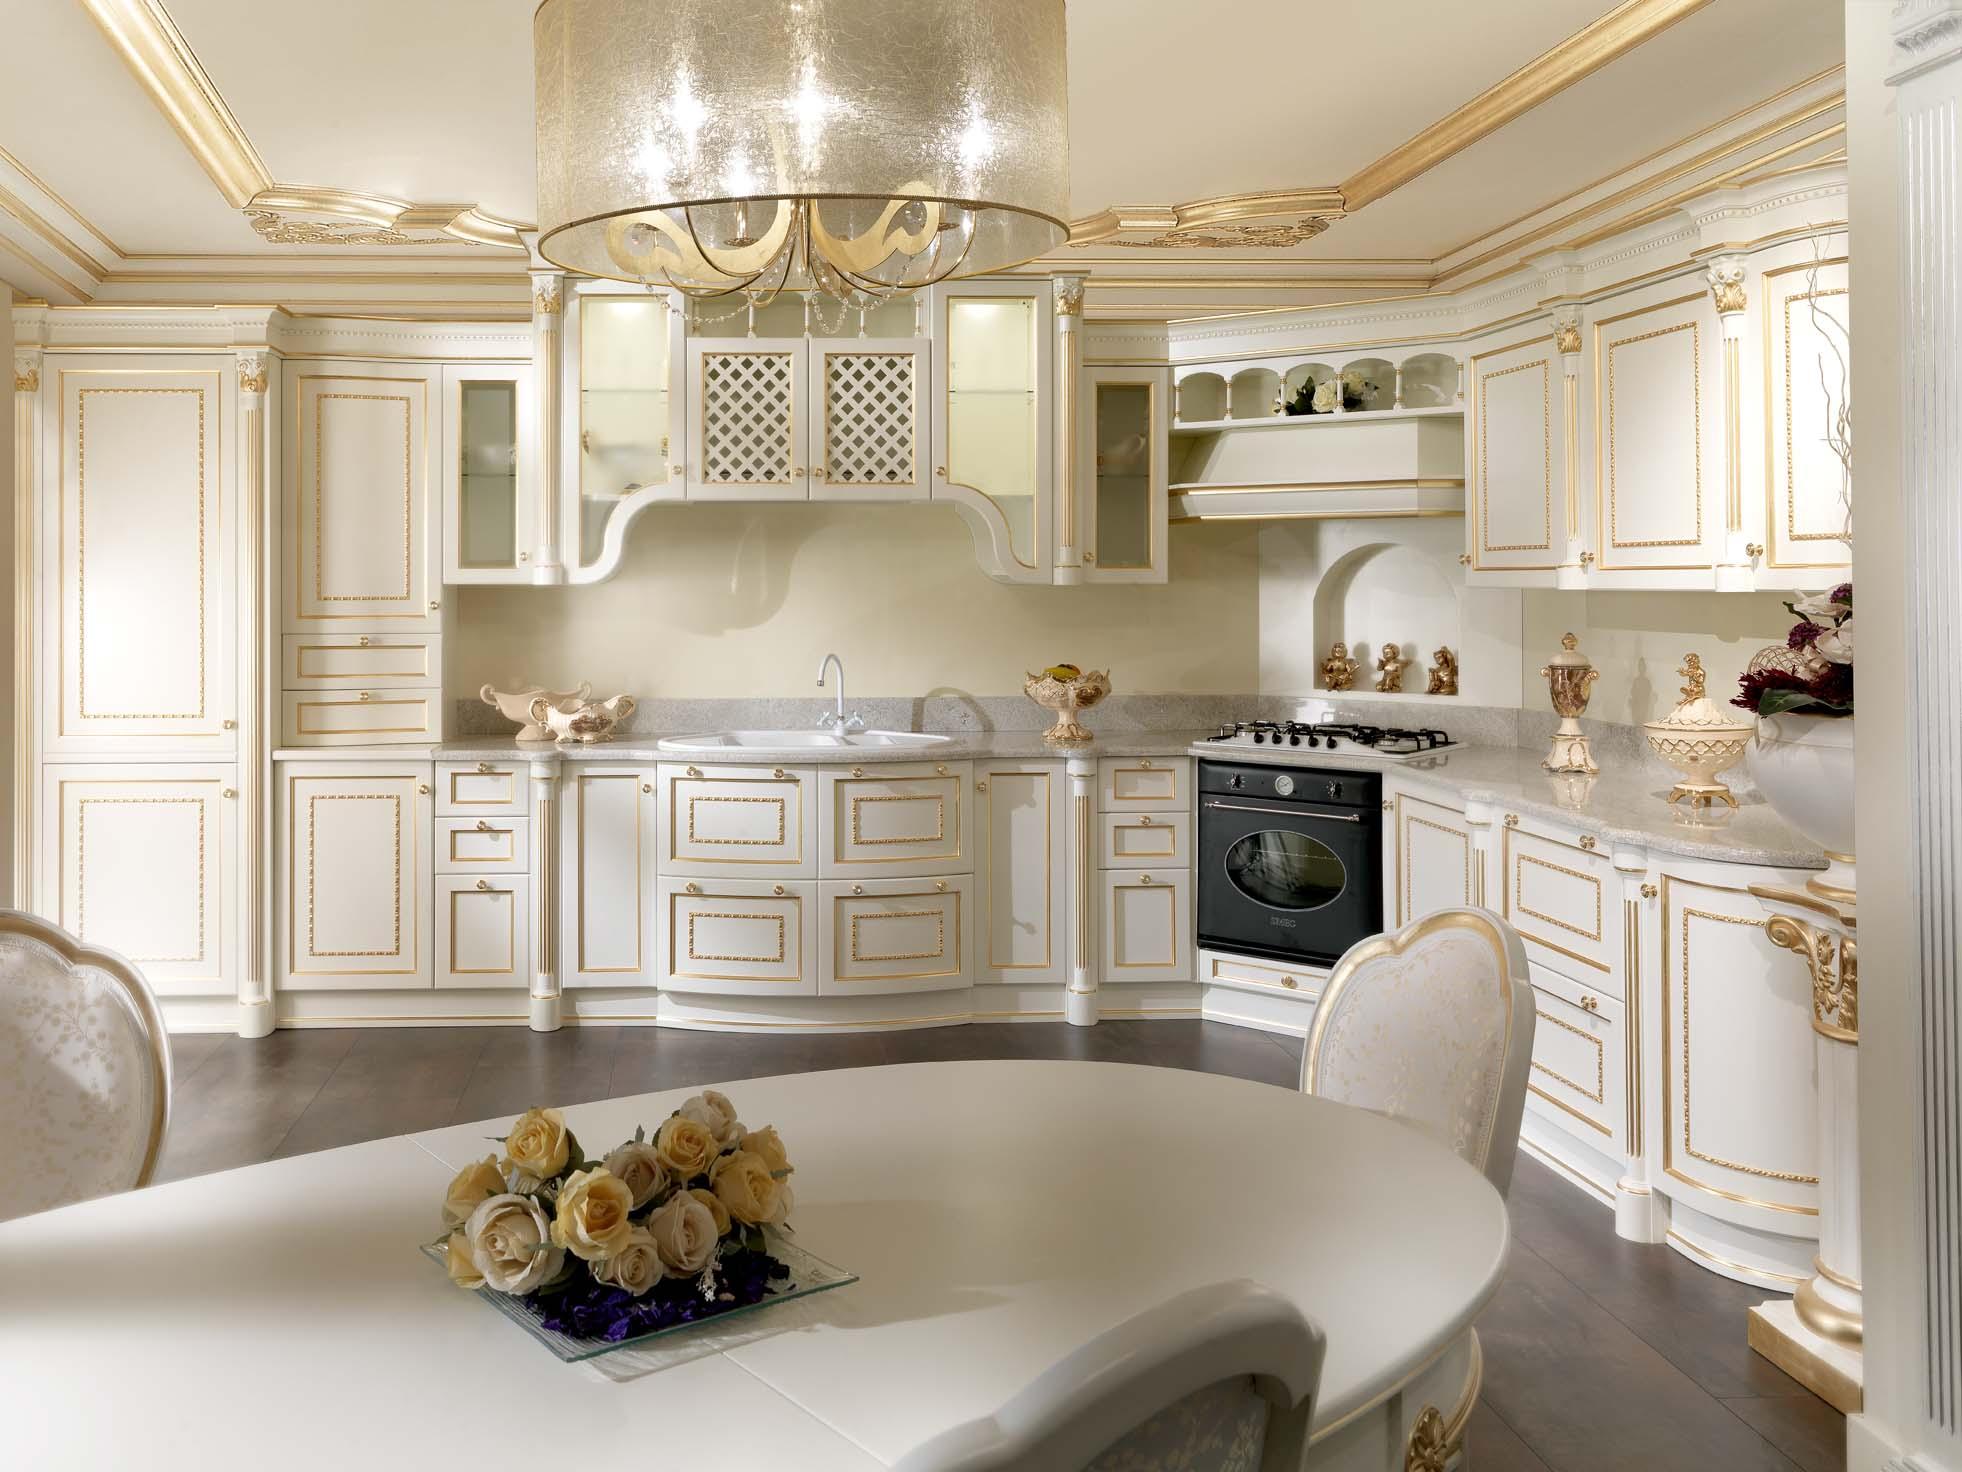 Интерьер белой кухни с позолоченными деталями